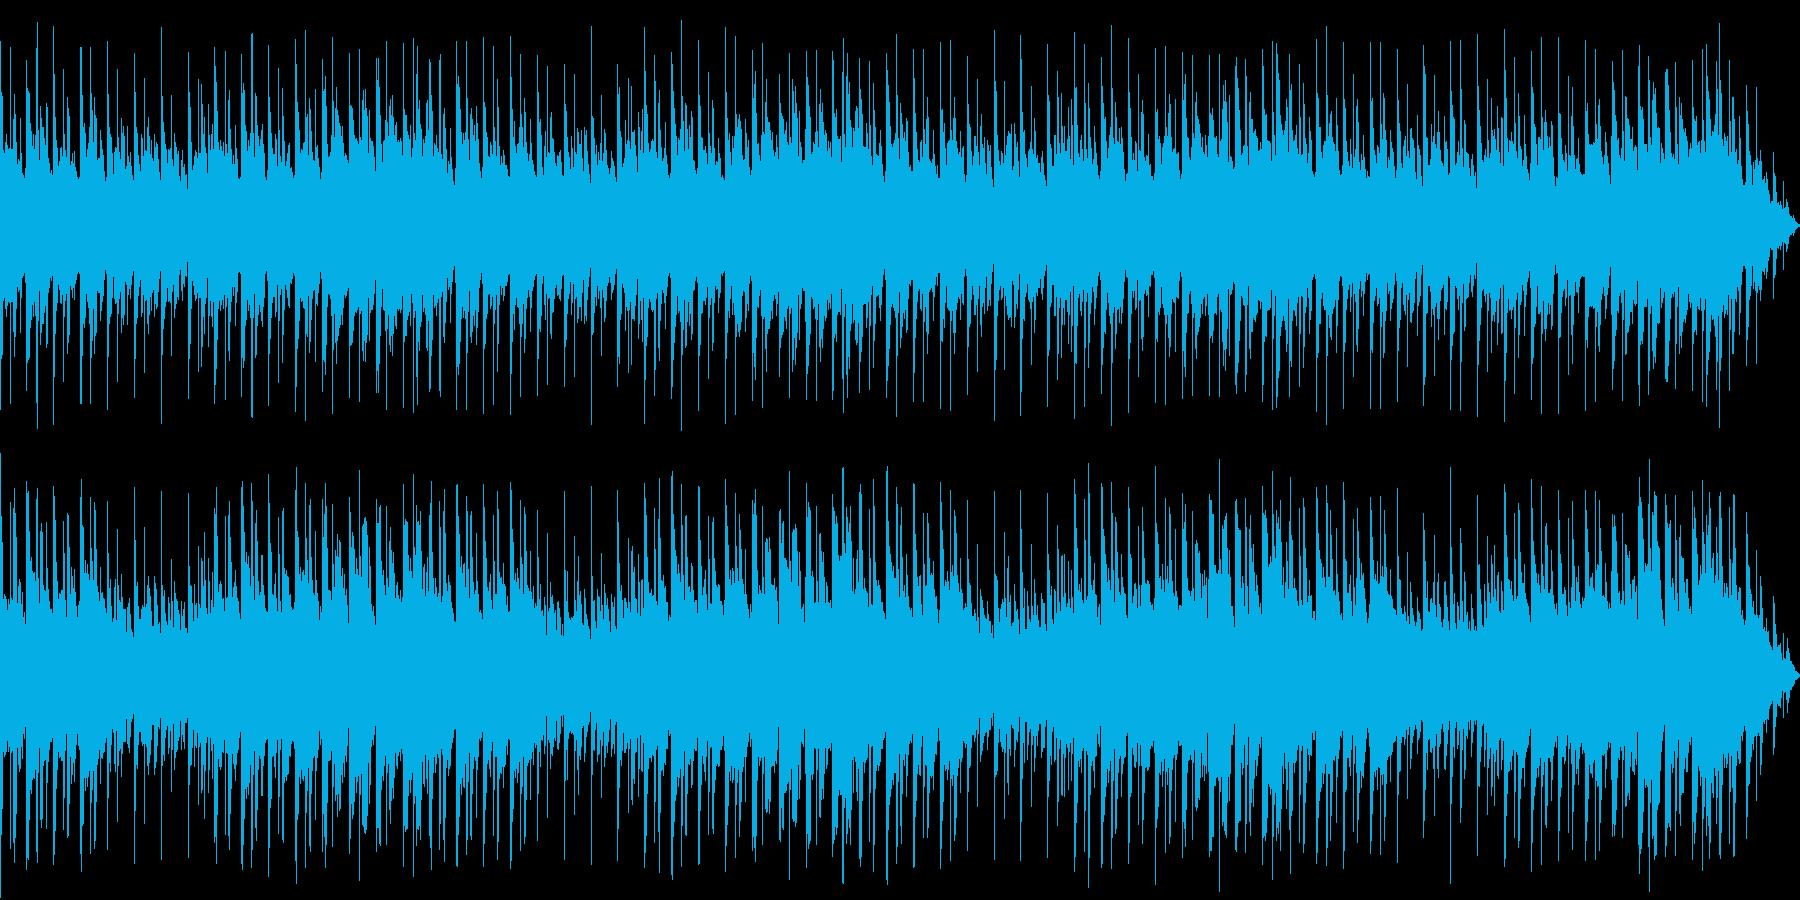 【主張しない背景音楽】ヒーリングの再生済みの波形